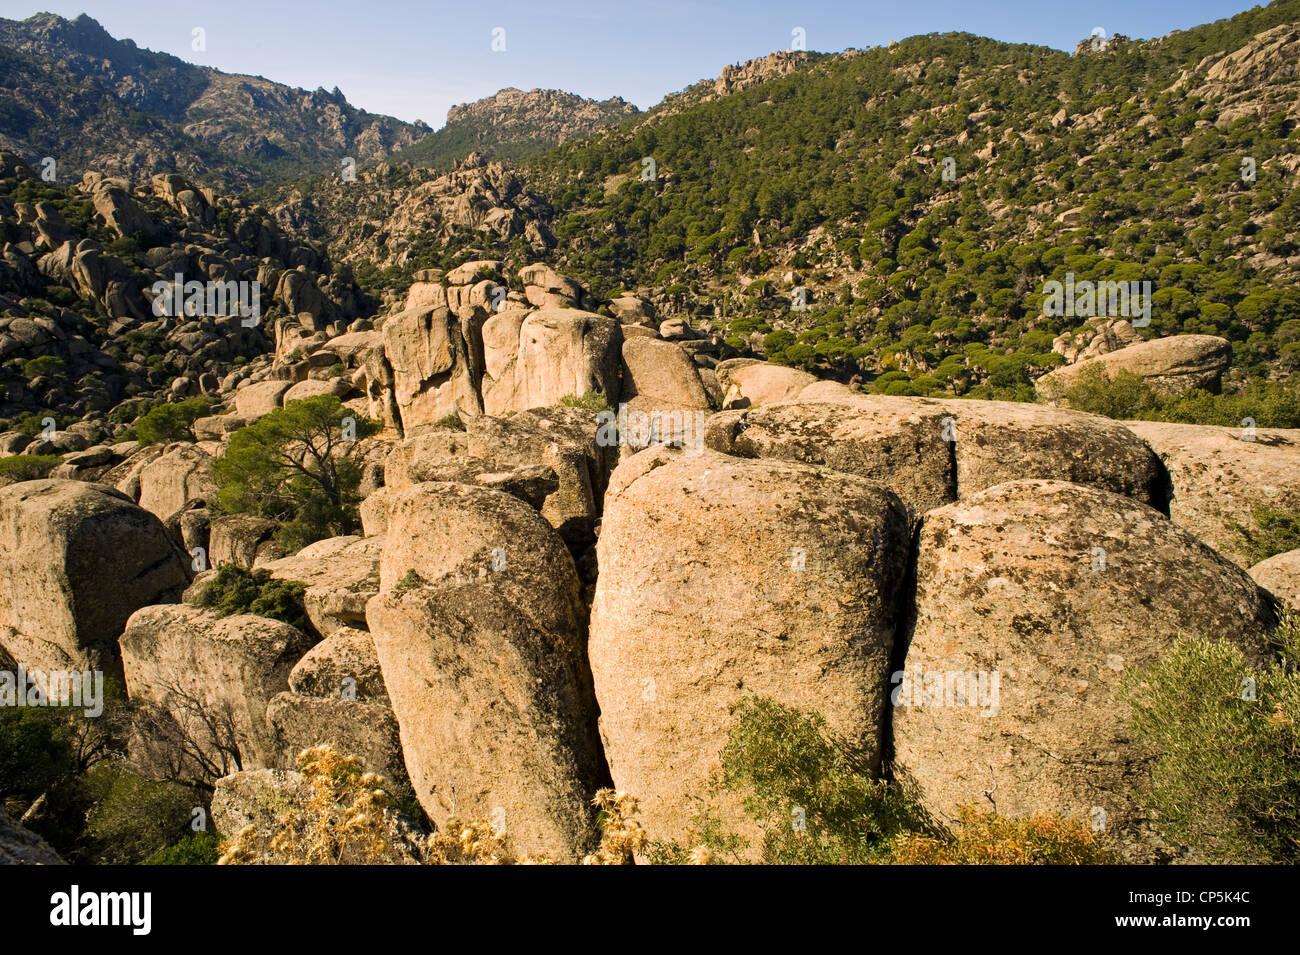 Paesaggio roccioso e pietra foresta di pini di montagna Besparmak Turchia Immagini Stock